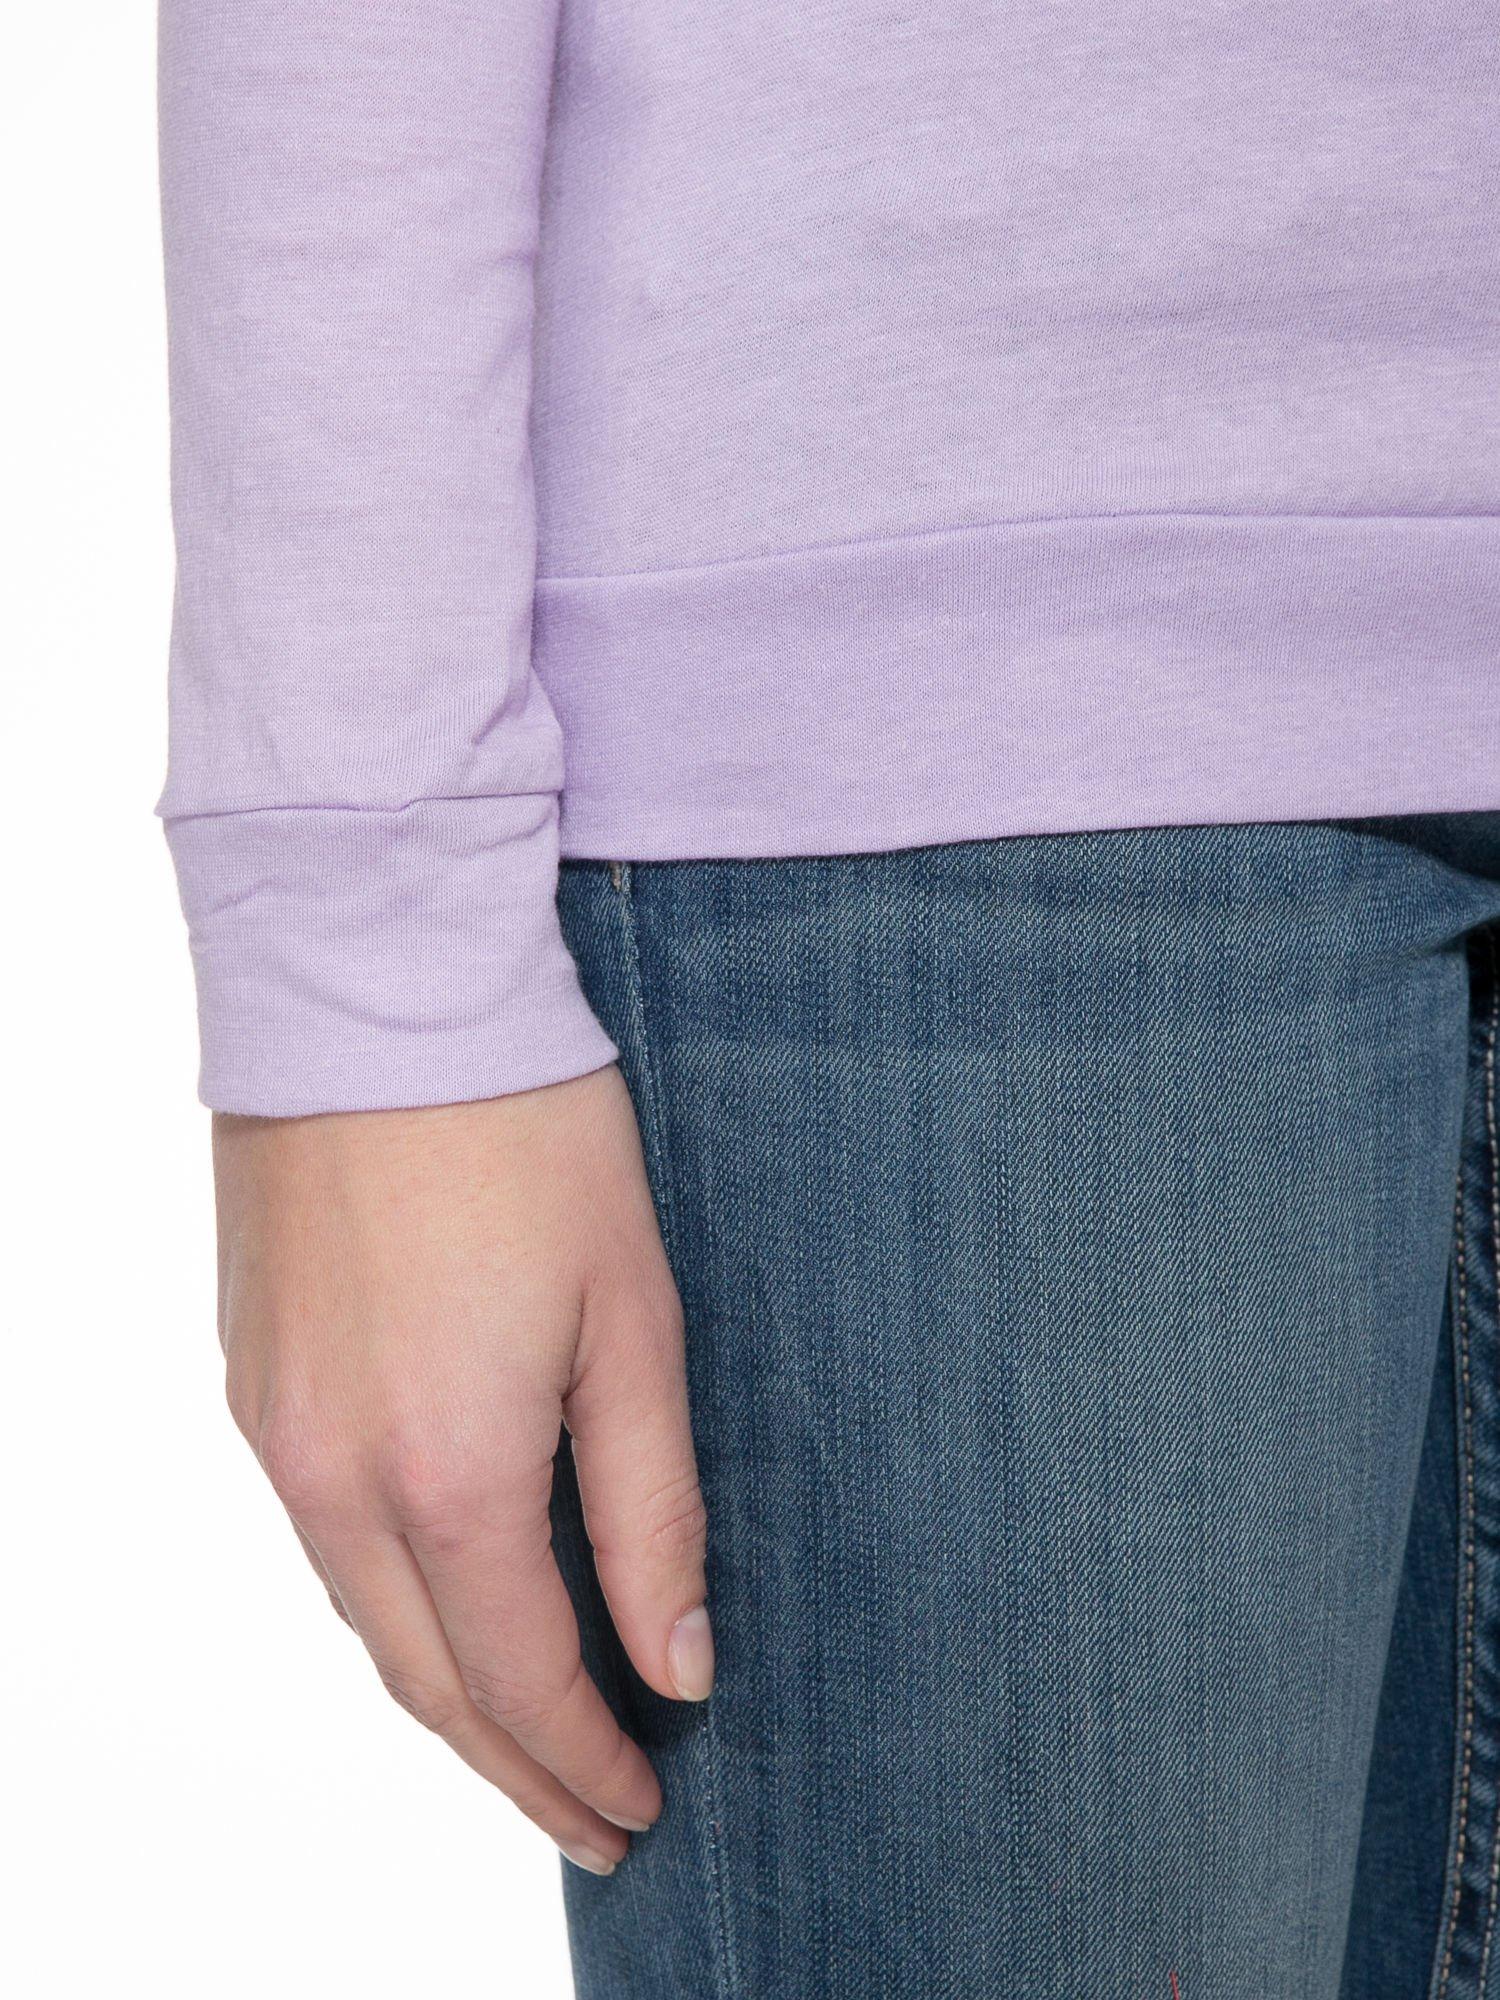 Jasnofioletowa bawełniana bluzka z rękawami typu reglan                                  zdj.                                  6